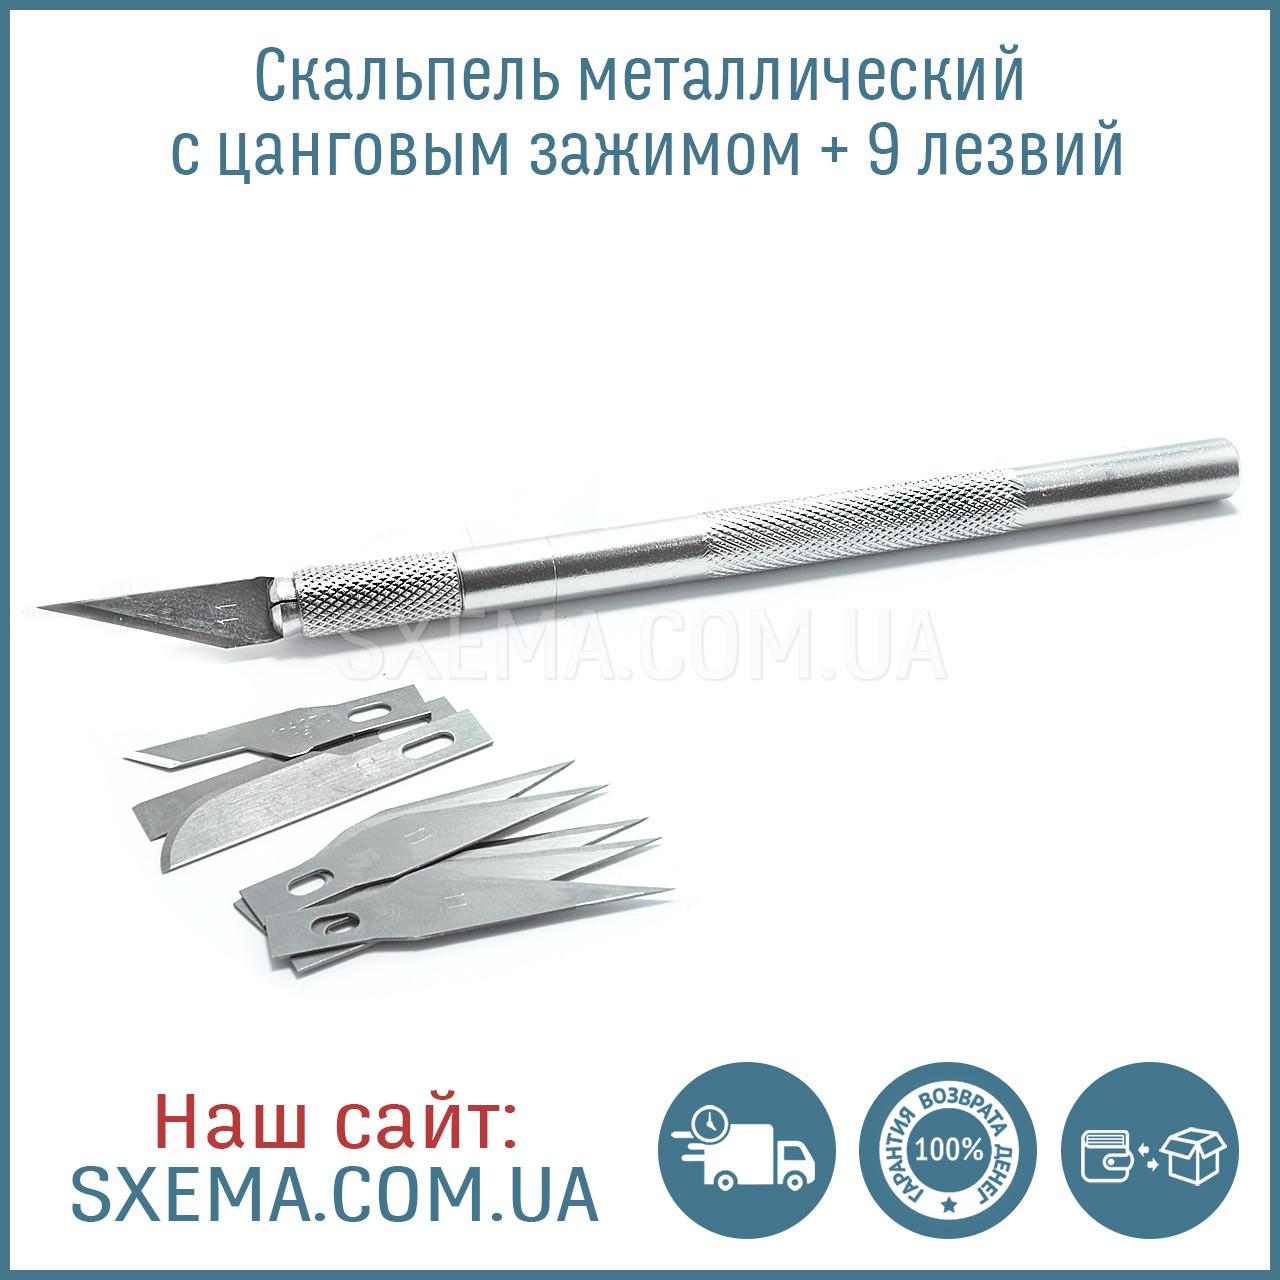 Скальпель металлический с цанговым зажимом + 9 лезвий